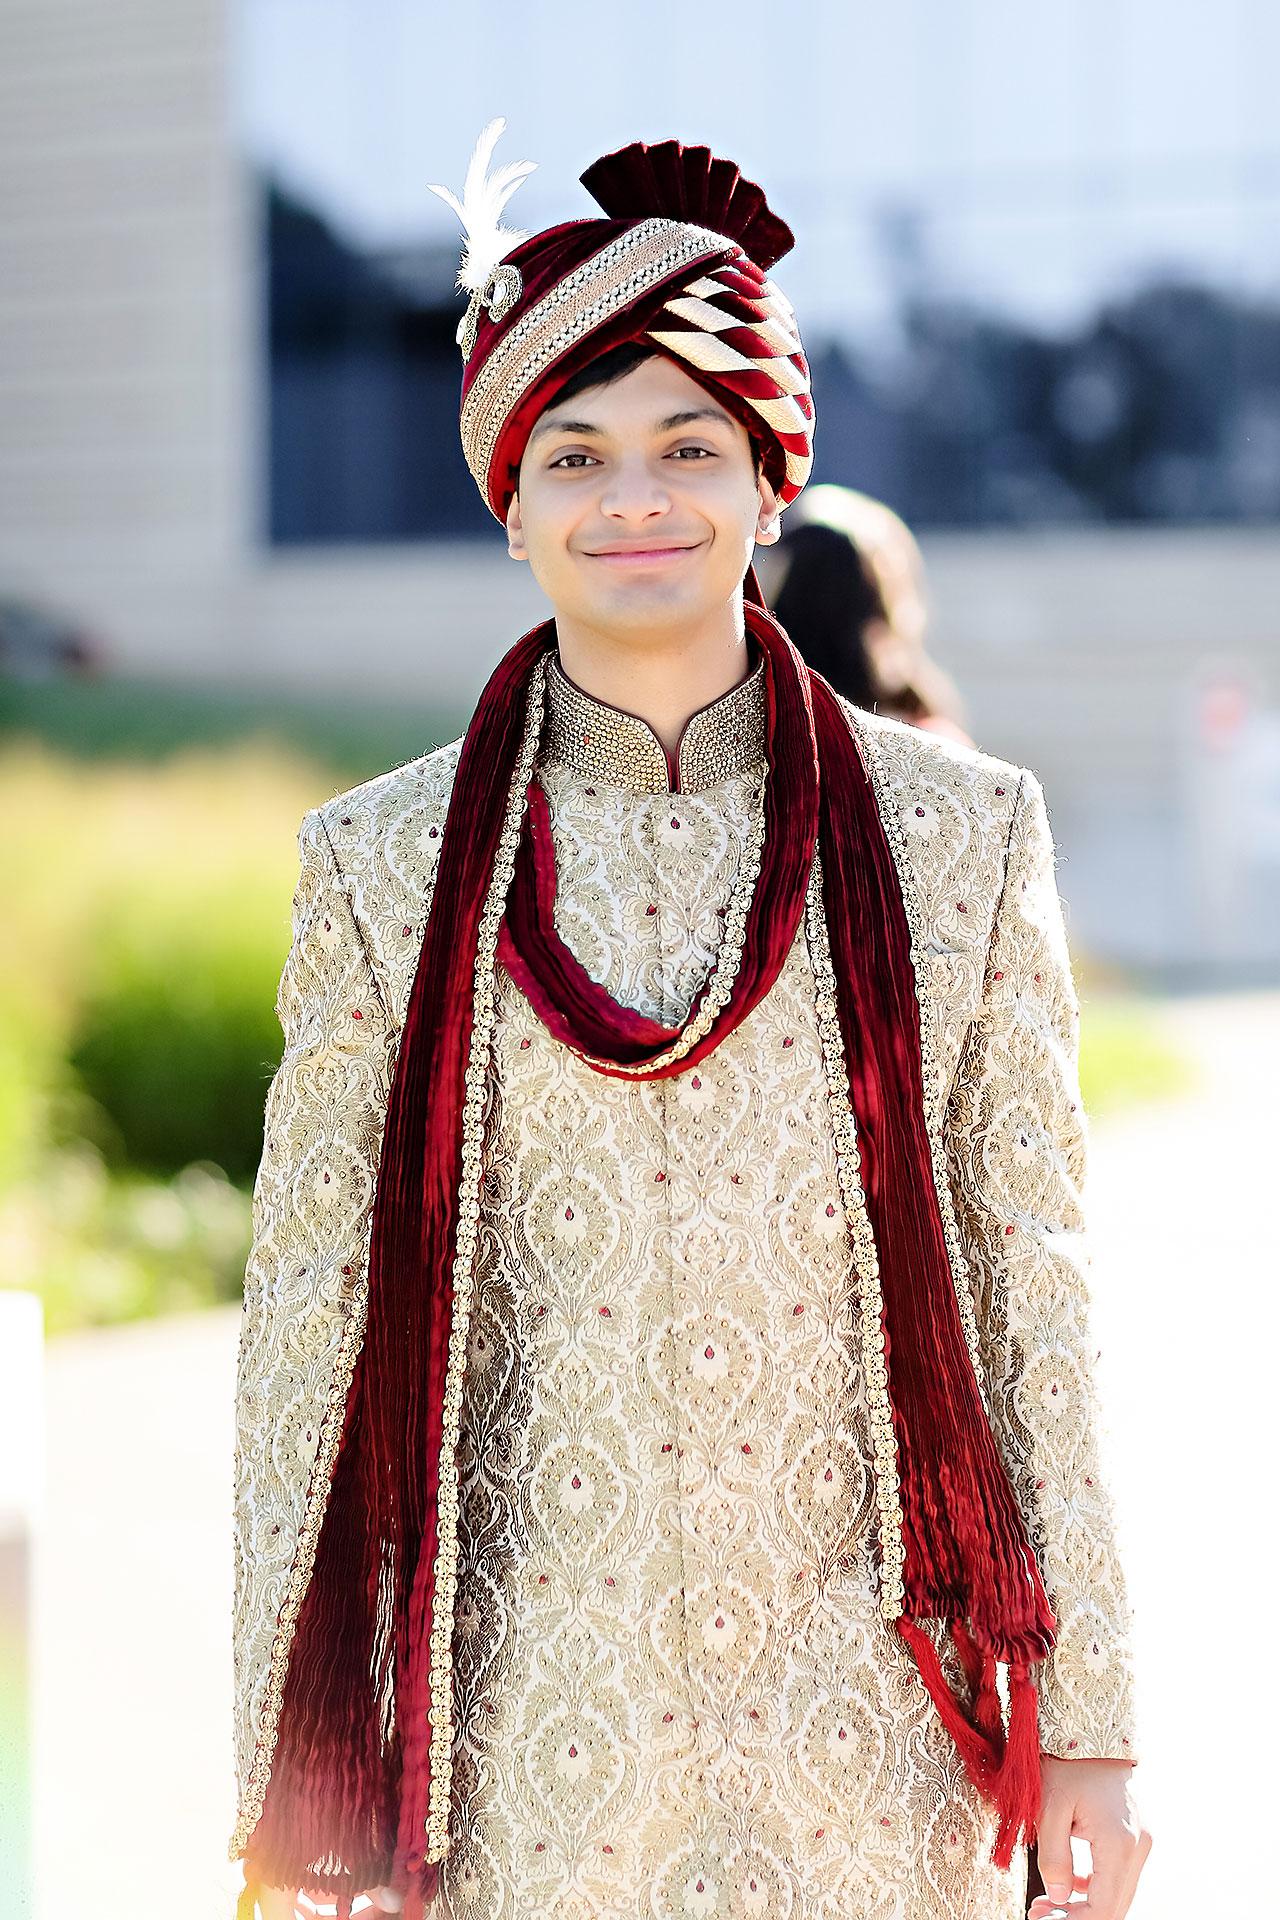 Joie Nikhil JW Marriott Indian Wedding 043